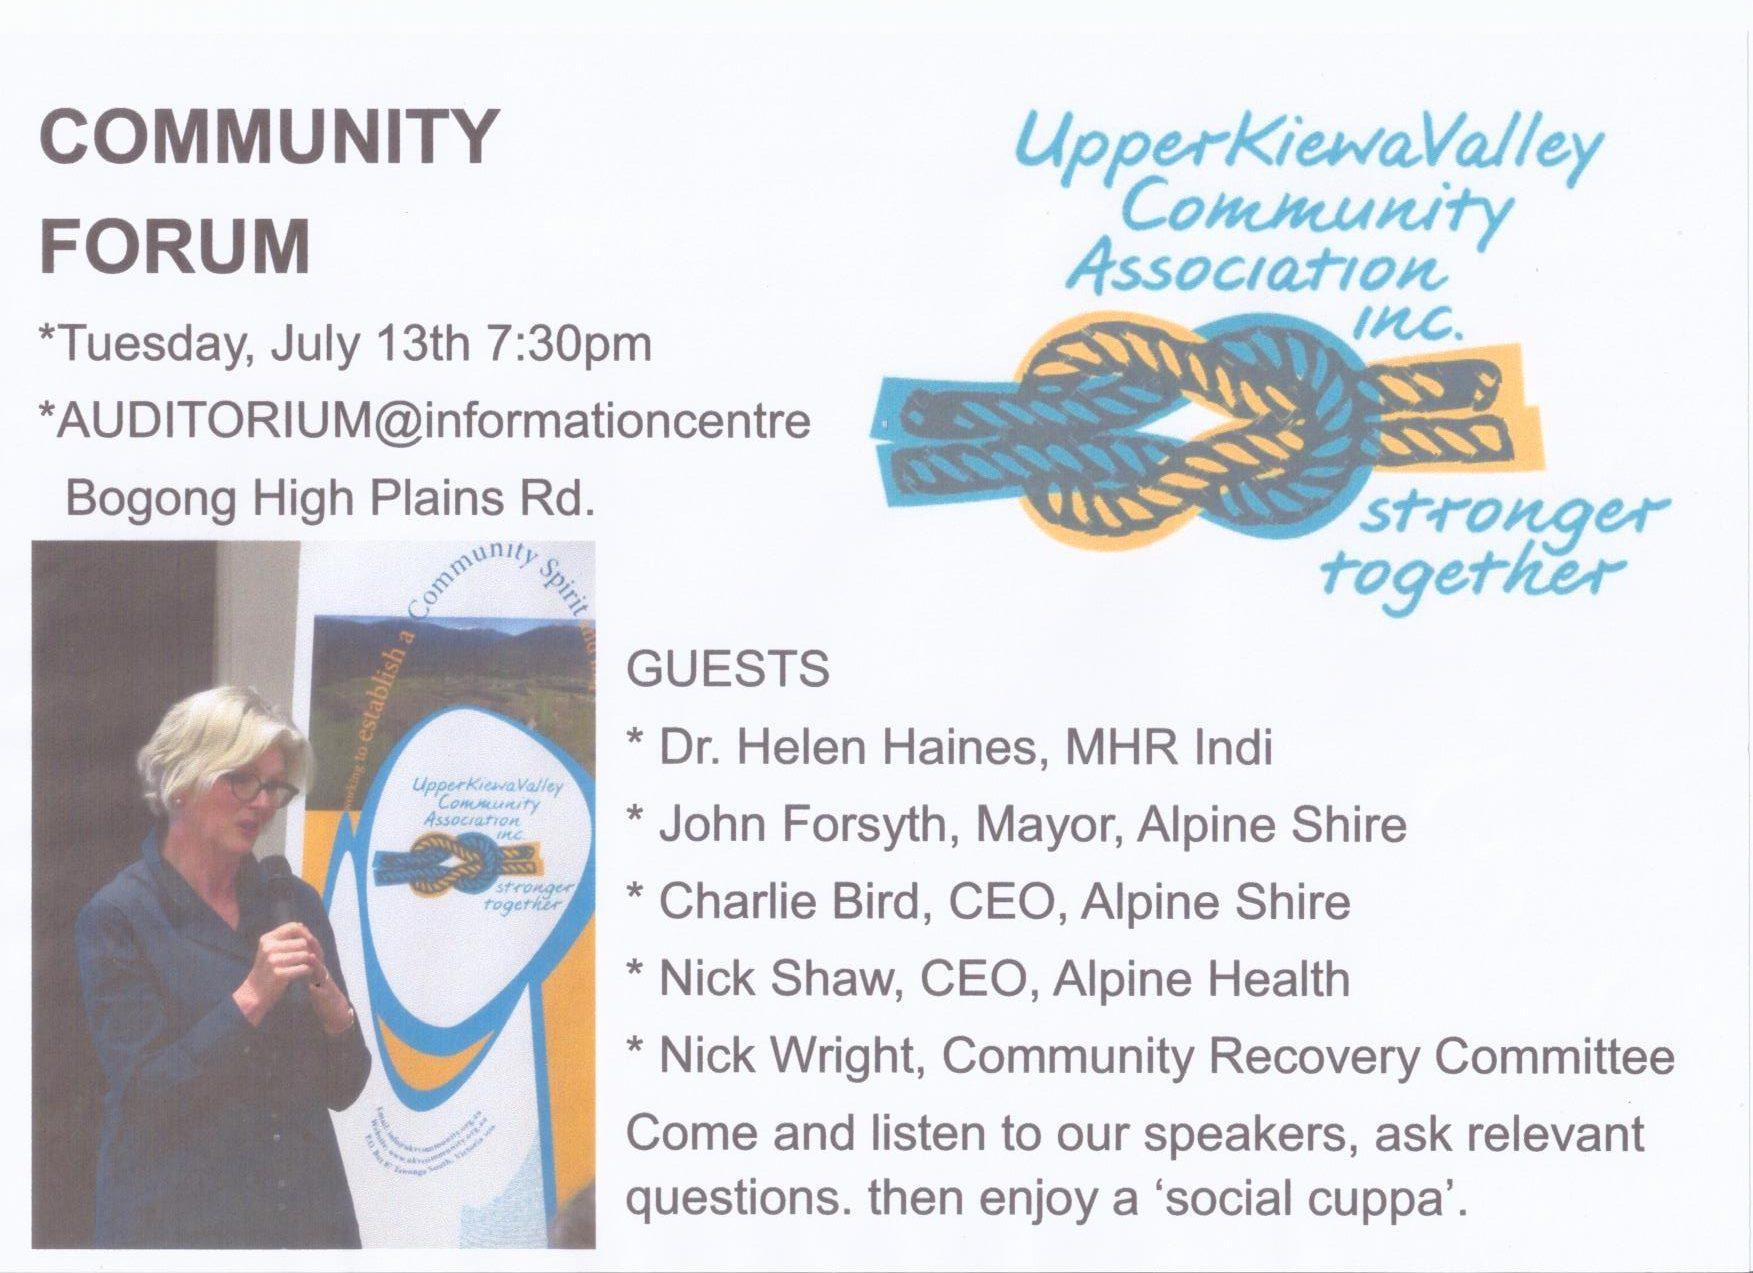 2021 Community Forum